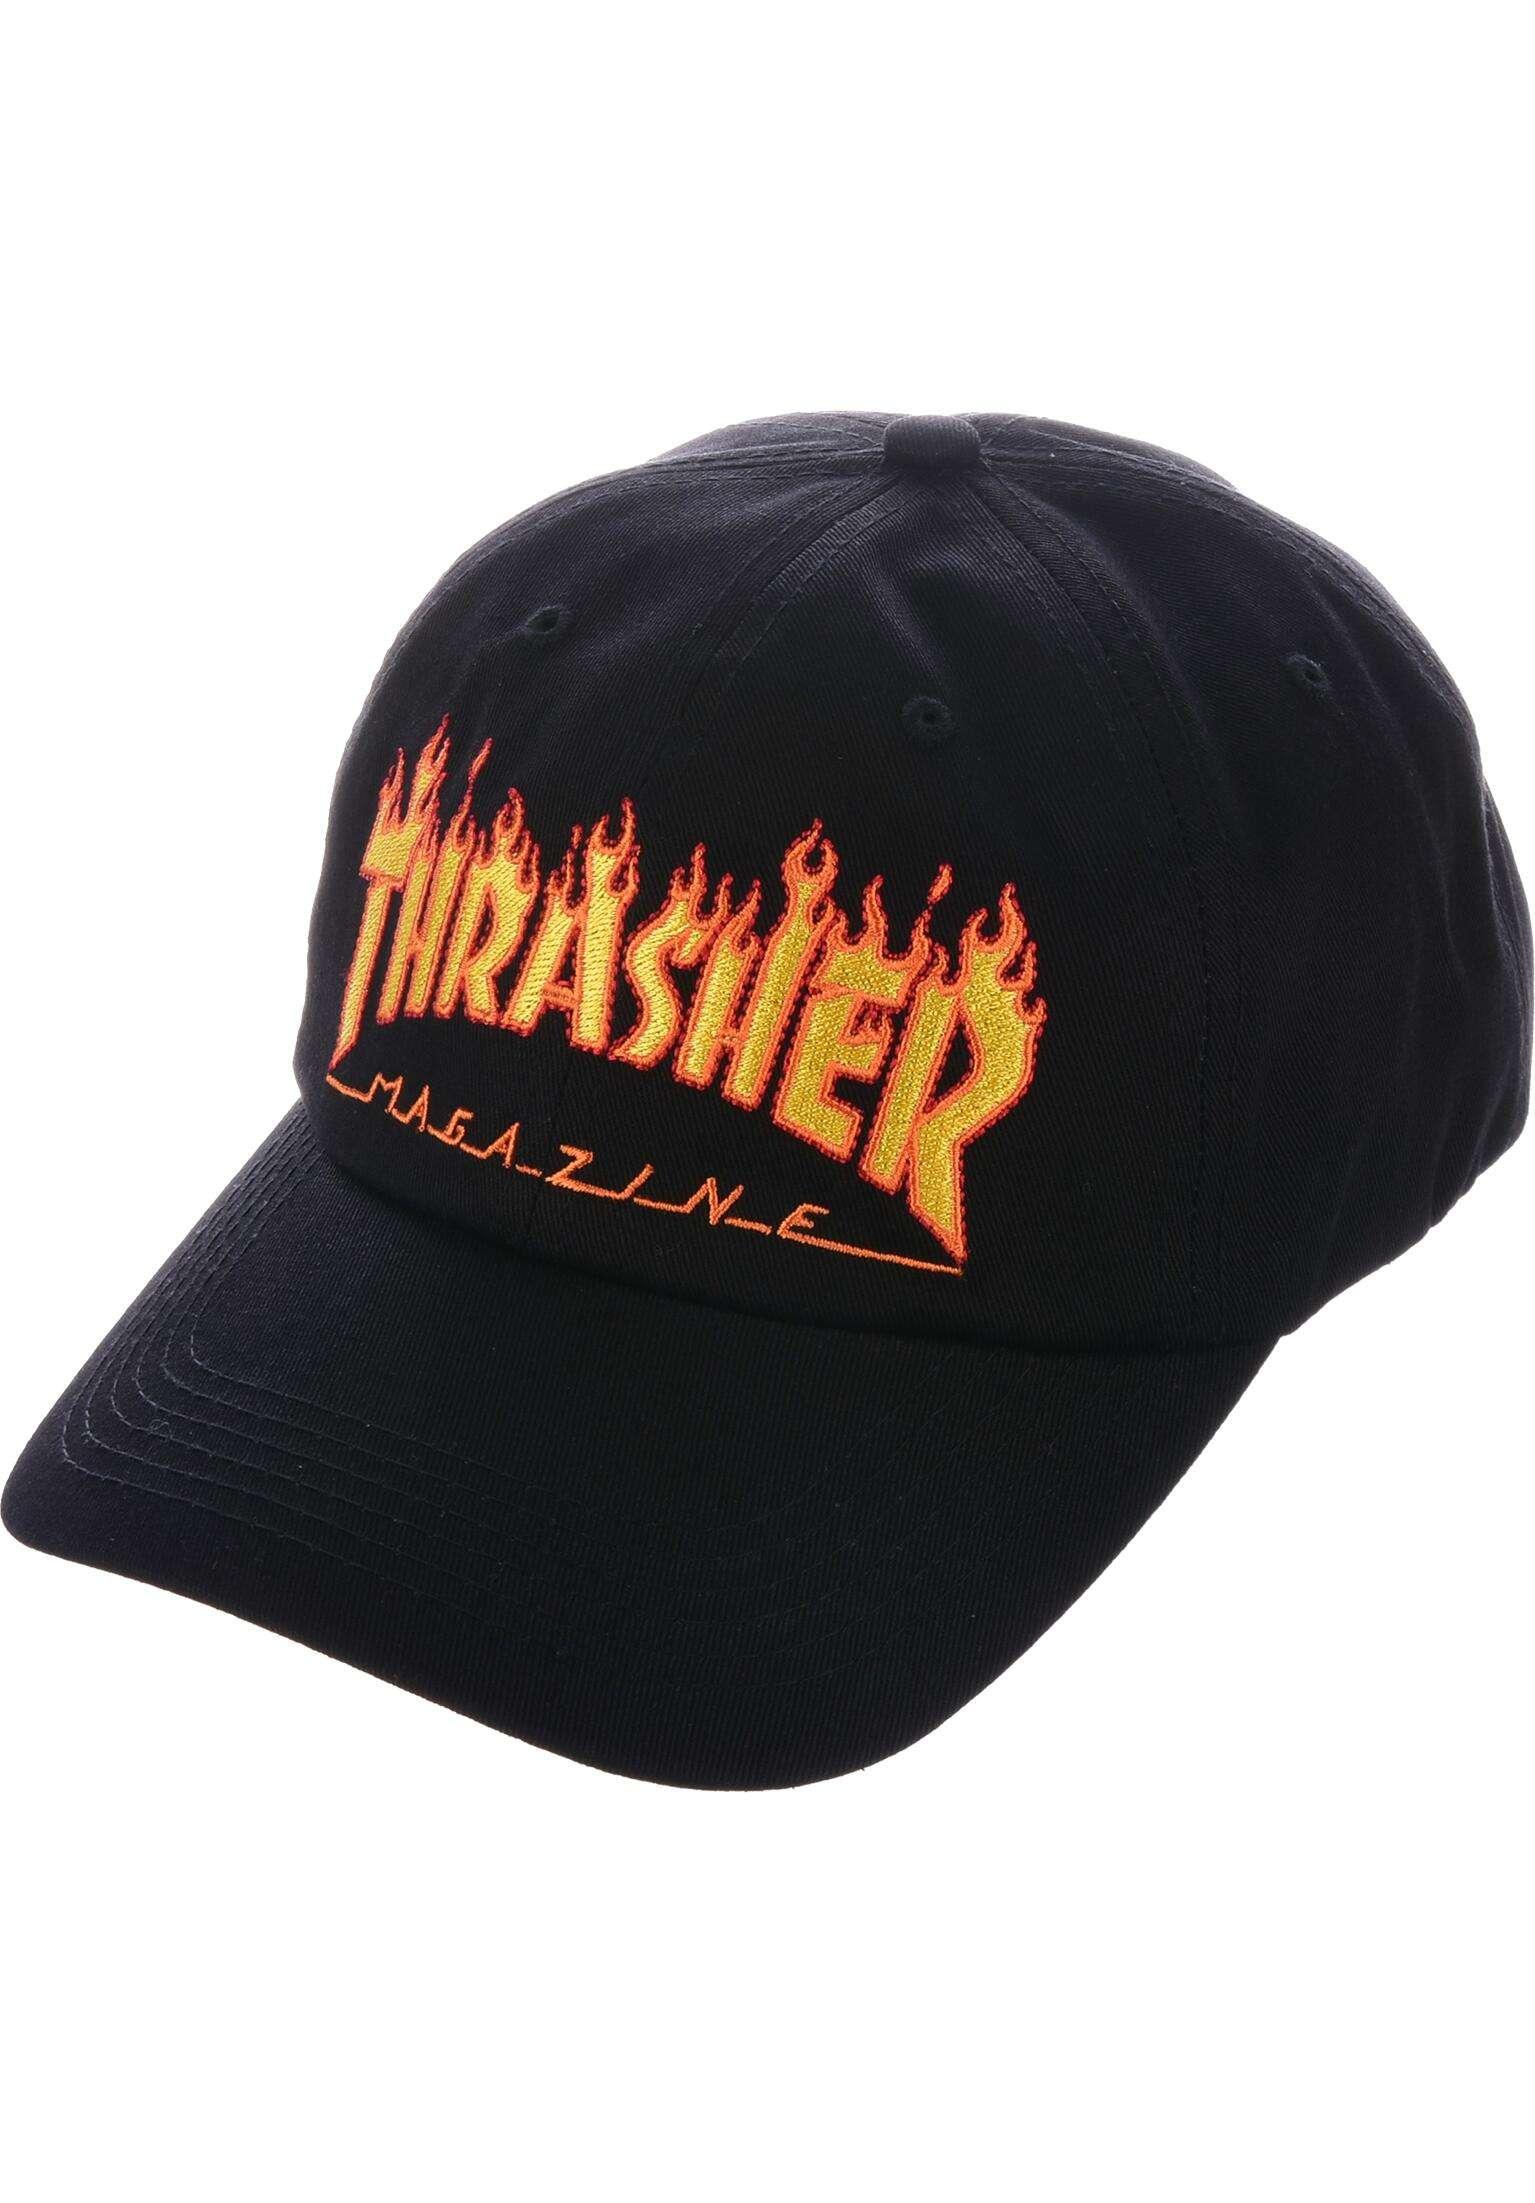 5eaffb152e0a9 Flame Old Timer Hat Thrasher Caps in black for Men